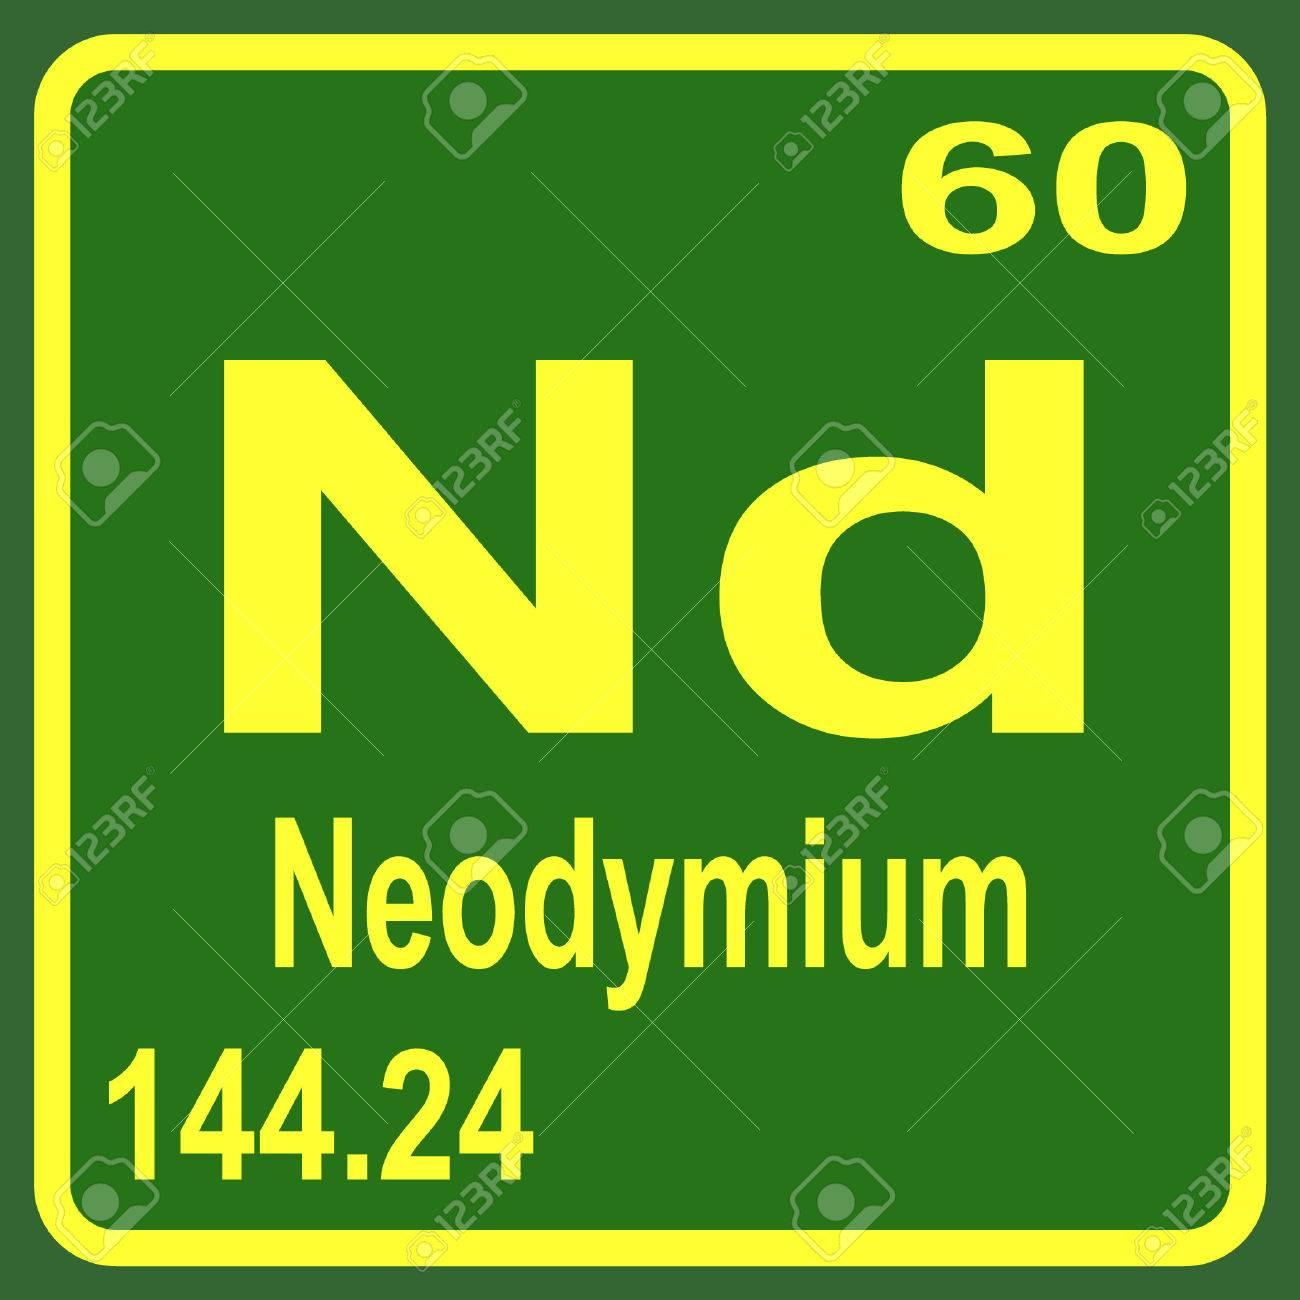 Periodic table neodymium gallery periodic table images periodic table of elements neodymium royalty free cliparts periodic table of elements neodymium stock vector 53900661 gamestrikefo Choice Image